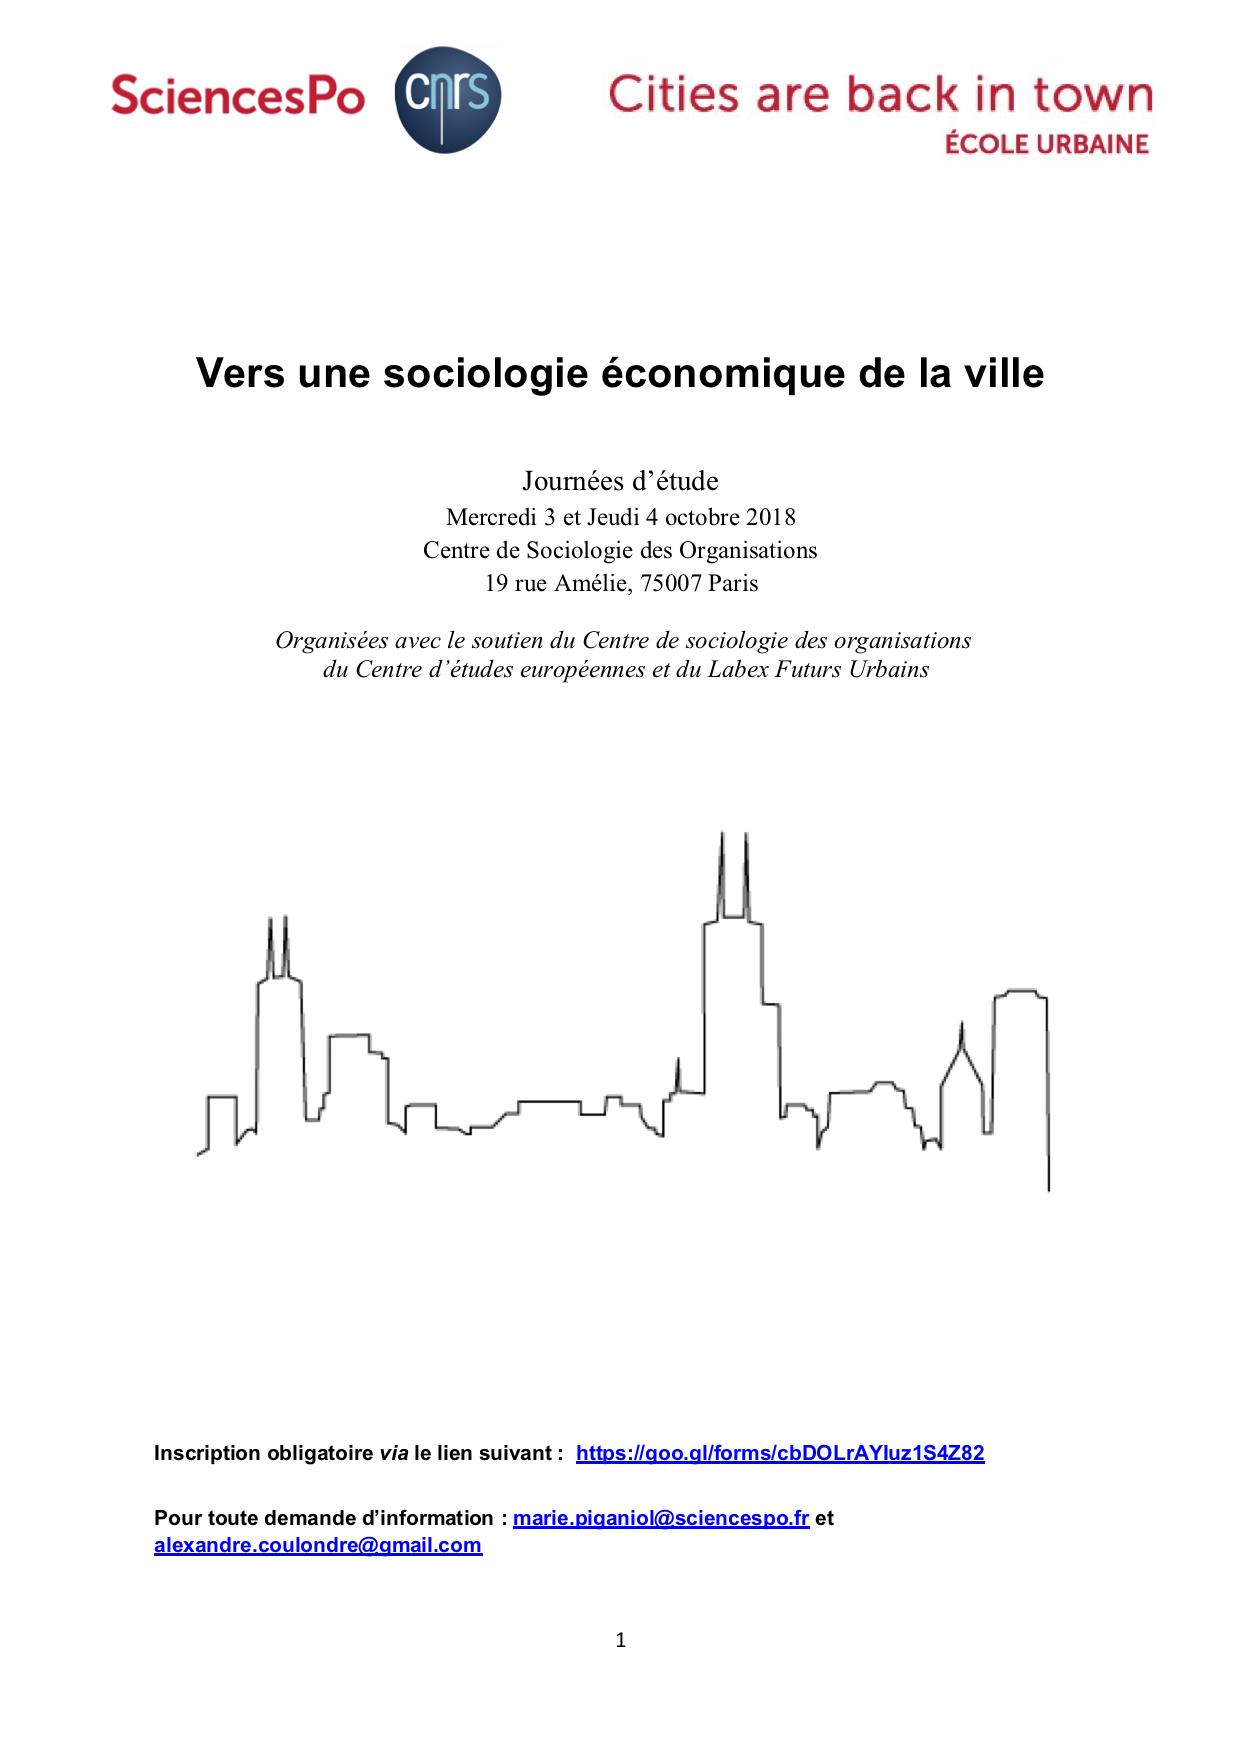 [Journées d'étude] «Vers une sociologie économique de la ville», CSO / Cities are back in Town, 3 et 4 octobre 2018.